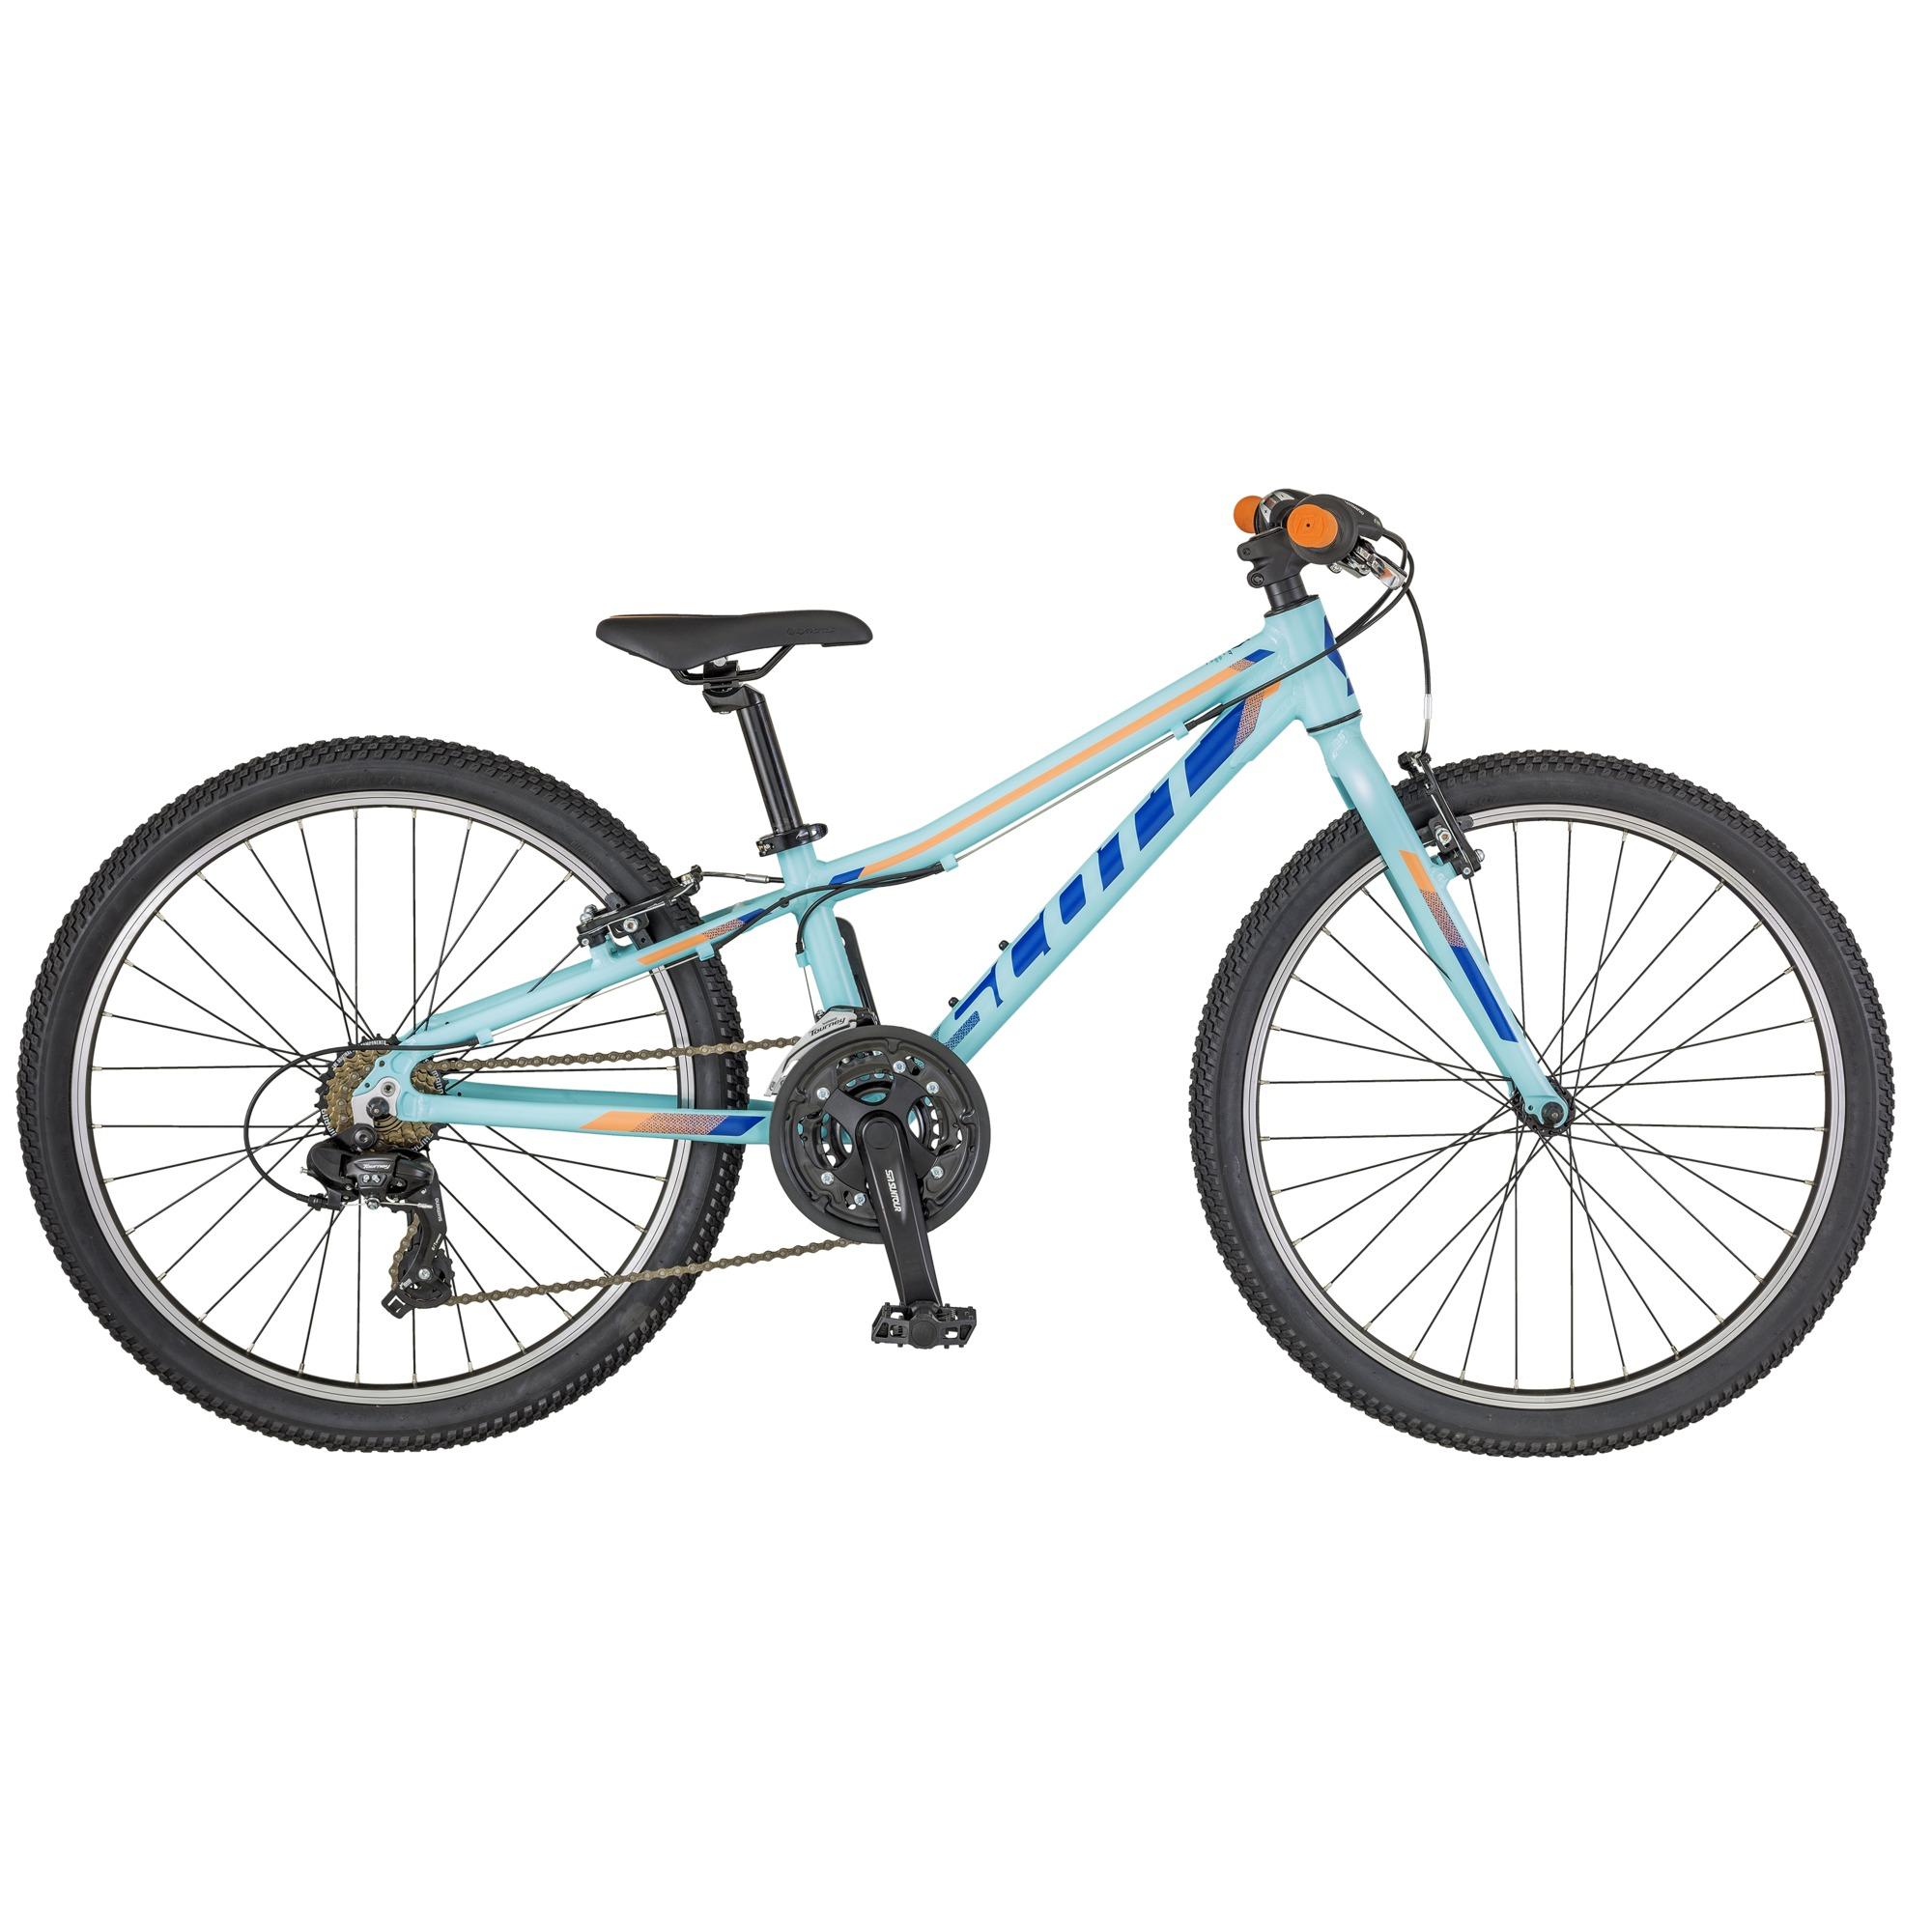 SCOTT Contessa JR 24 Bike mit Starrgabel 24